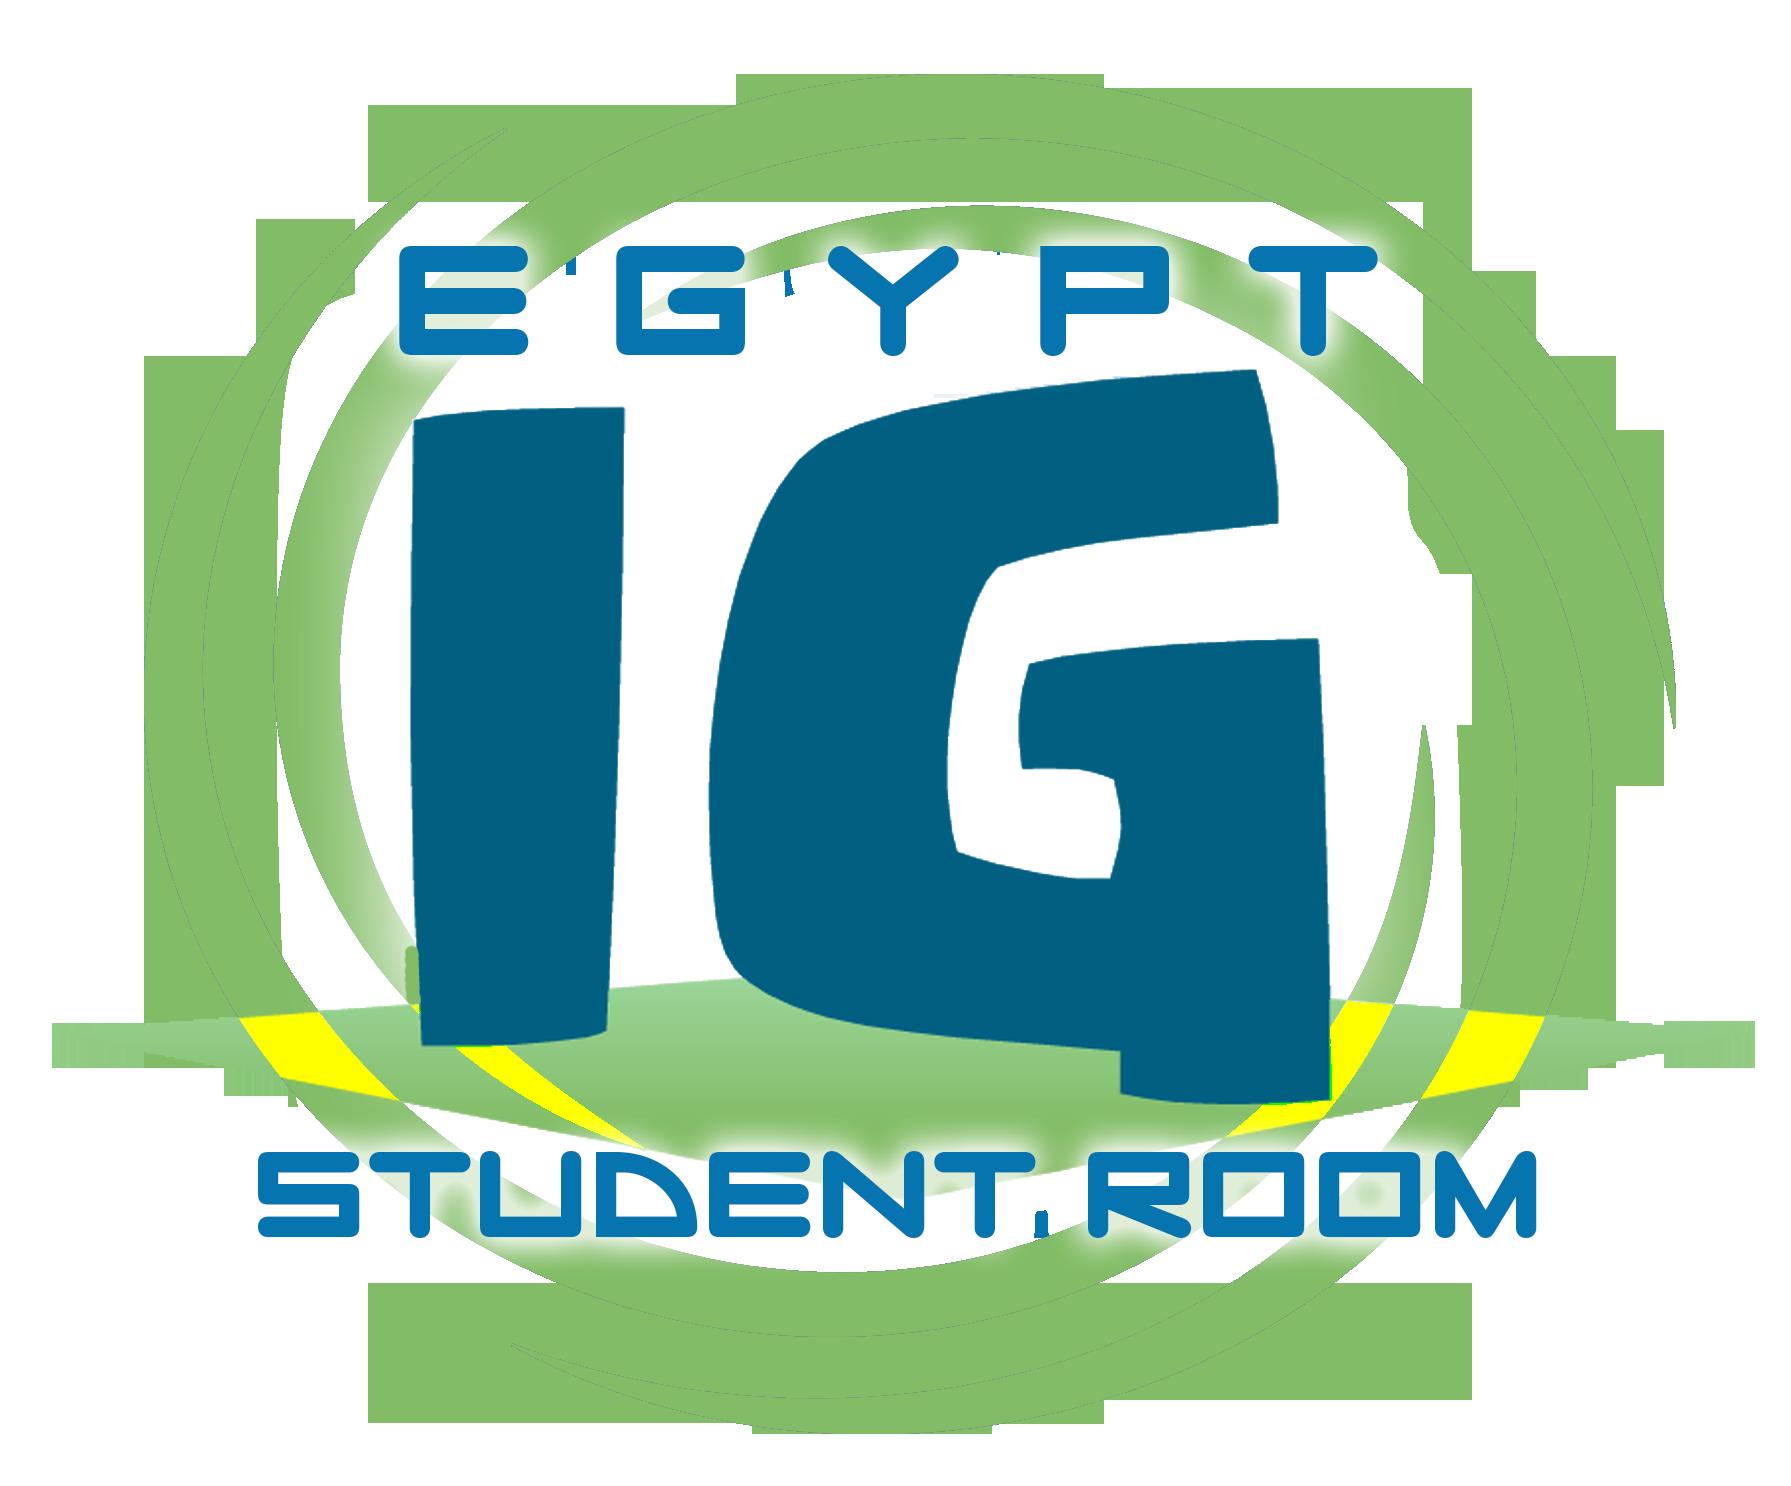 Student Egypt Room Ig